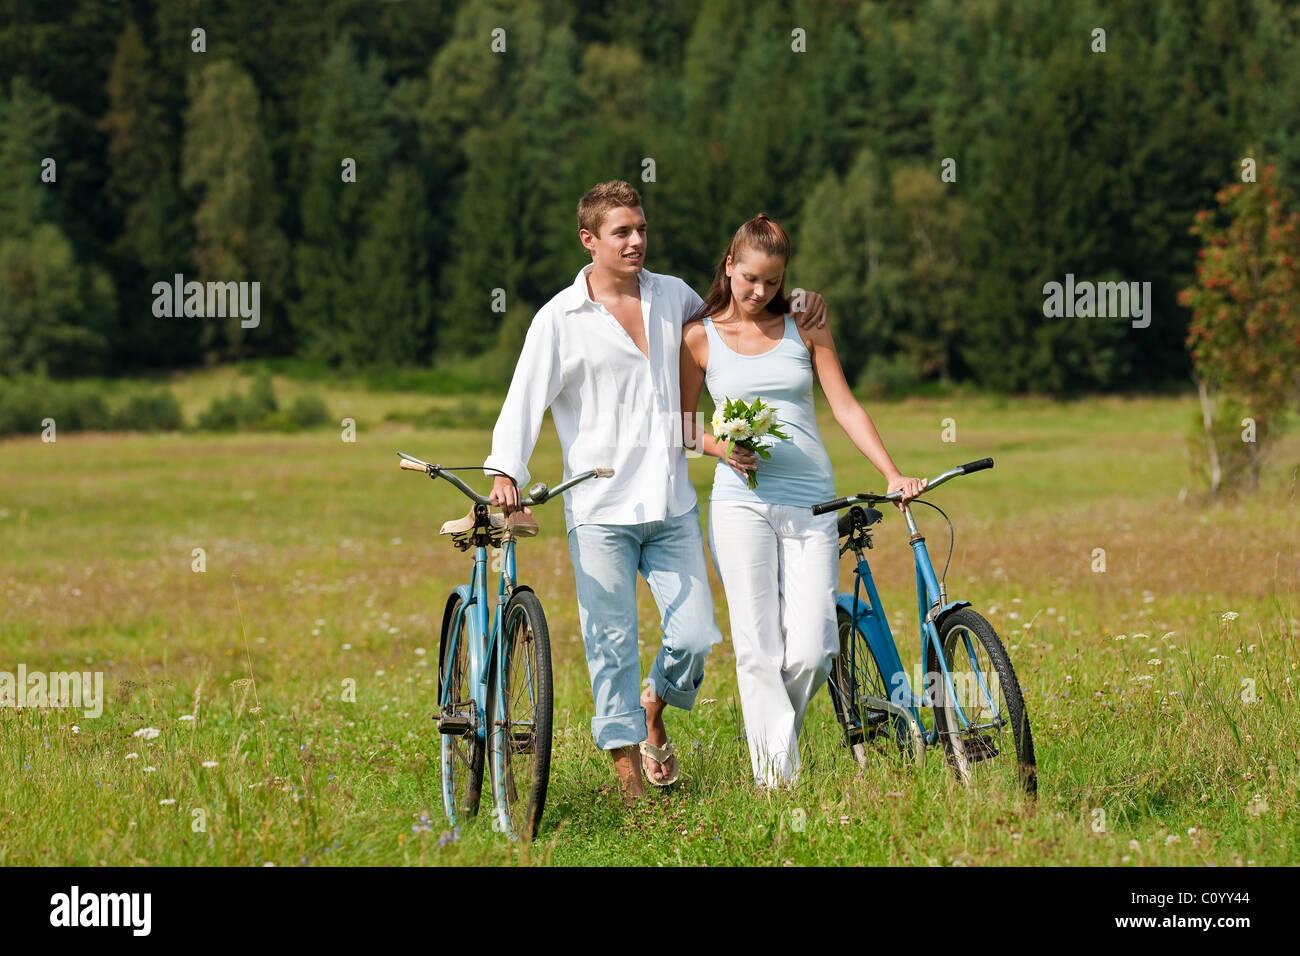 Фото мужчина и женщина идут 11 фотография